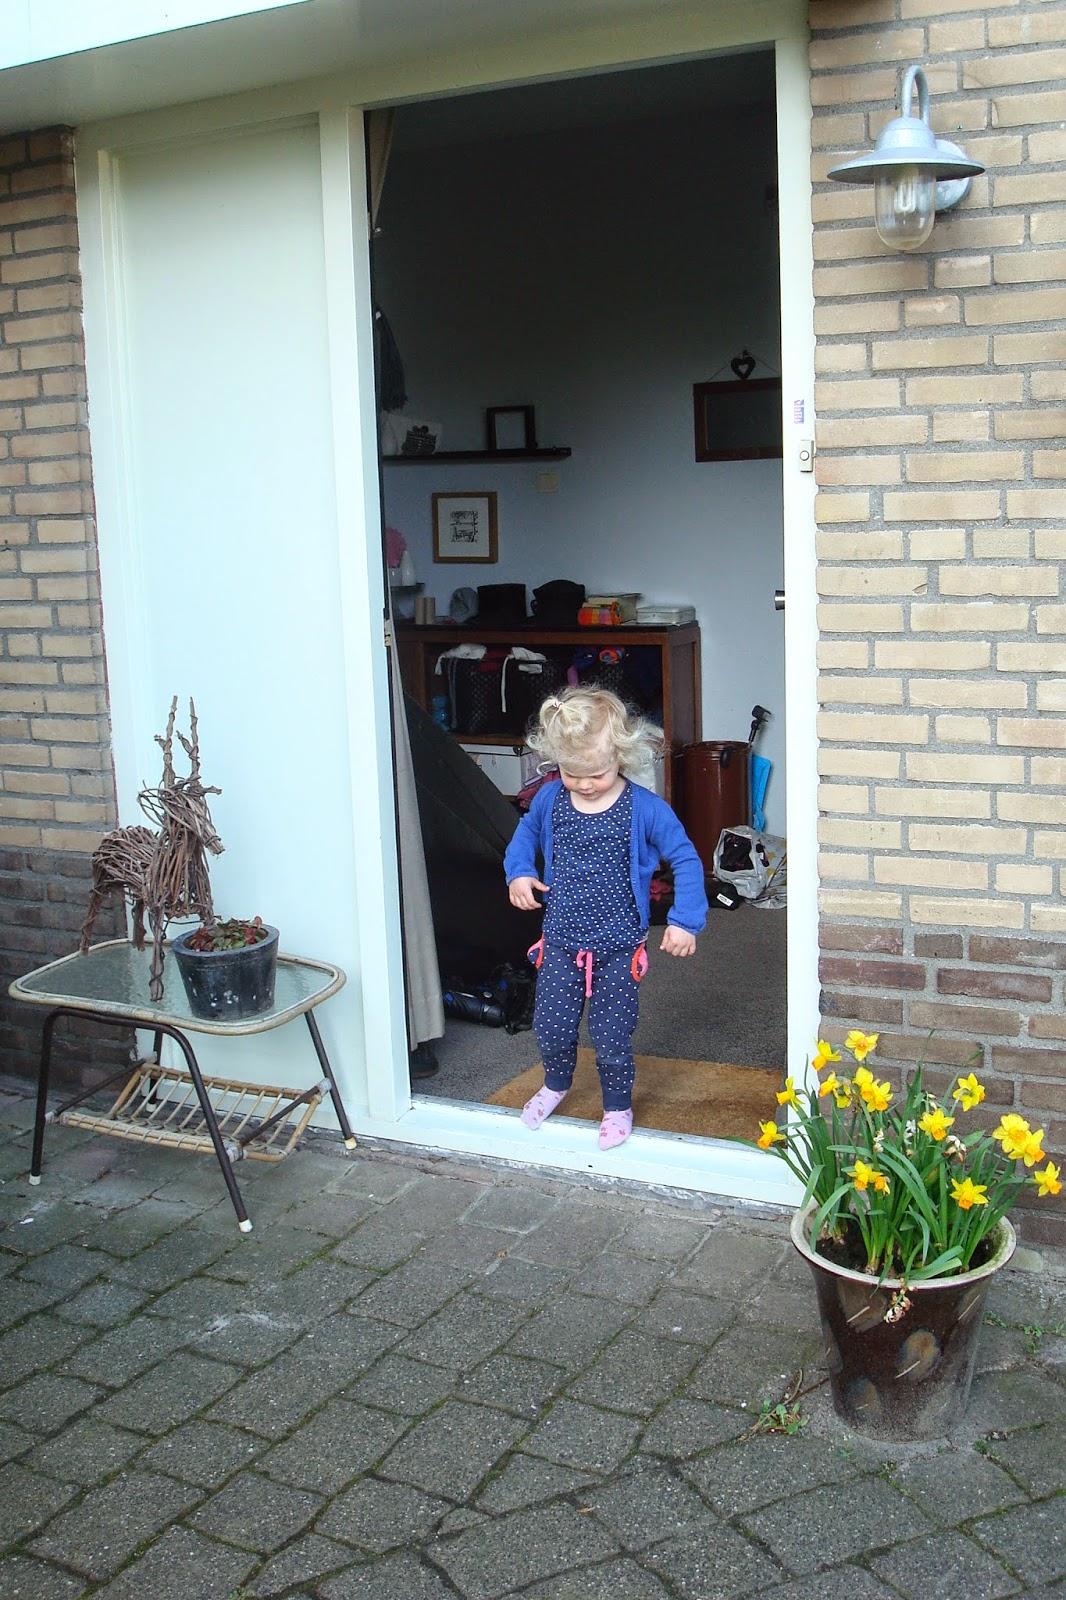 Jannekes jolige wereld zet de deur van je huis maar open weggeefactie - Kroonluchter pampille huis van de wereld ...